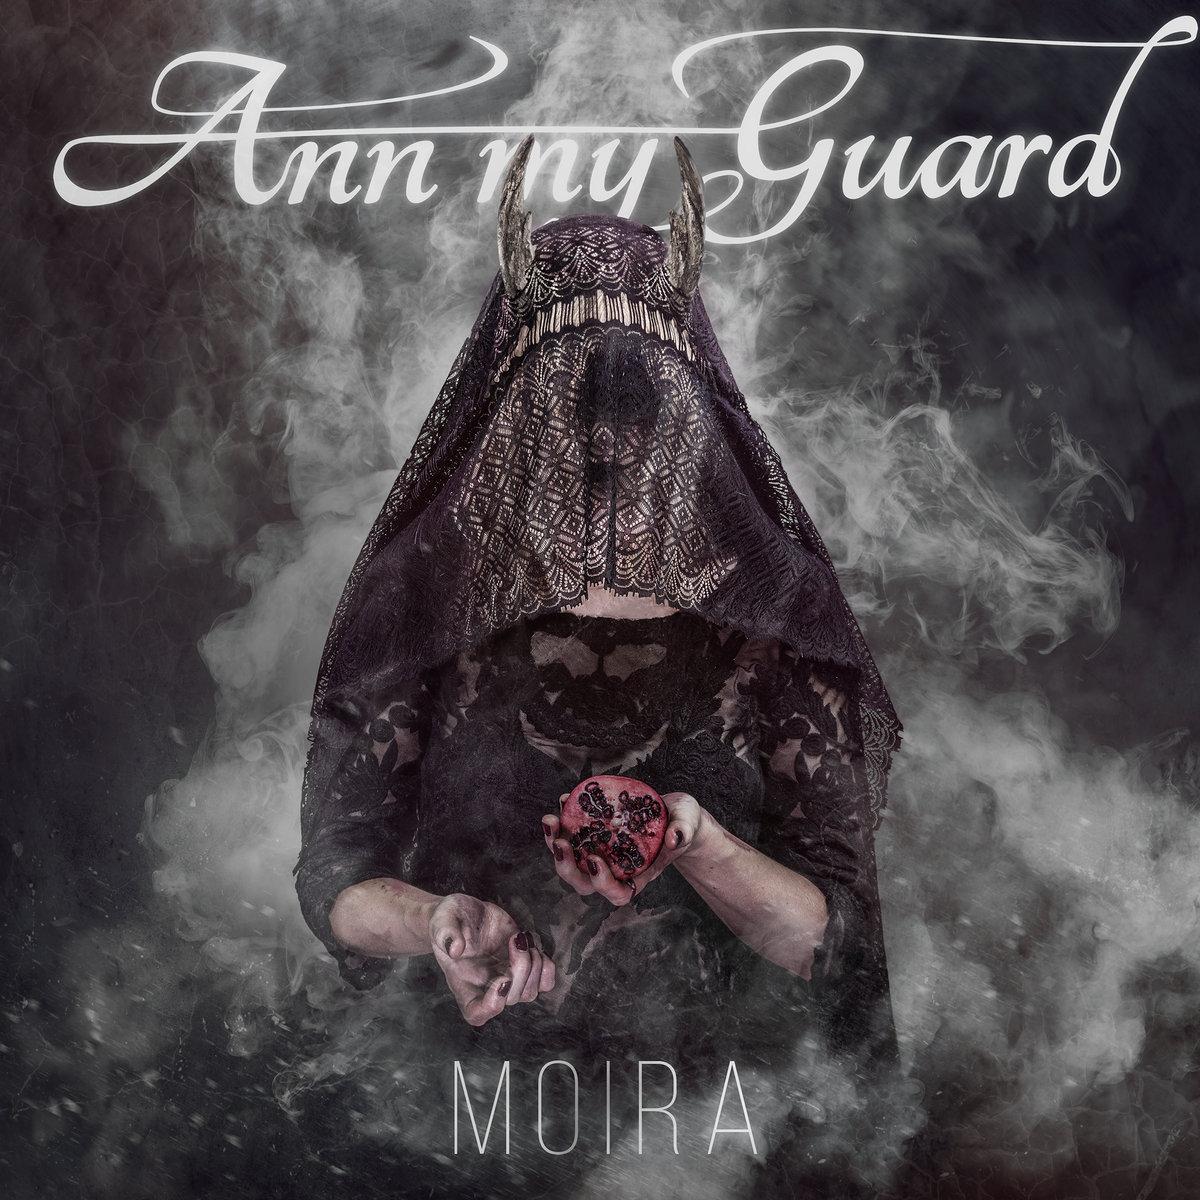 Ann My Guard - Moira<br /><br />A csajfrontos, boszorkányosan jó rockzenét játszó Ann My Guard legújabb nagylemeze tovább utaztat az általuk válaszott varázslatosan sötét, de dallamos világban. Az itthon és nemzetközi szinten is megturnéztatott korong, a Moira sem maradhatott ki az itthoni kedvenceink közül.